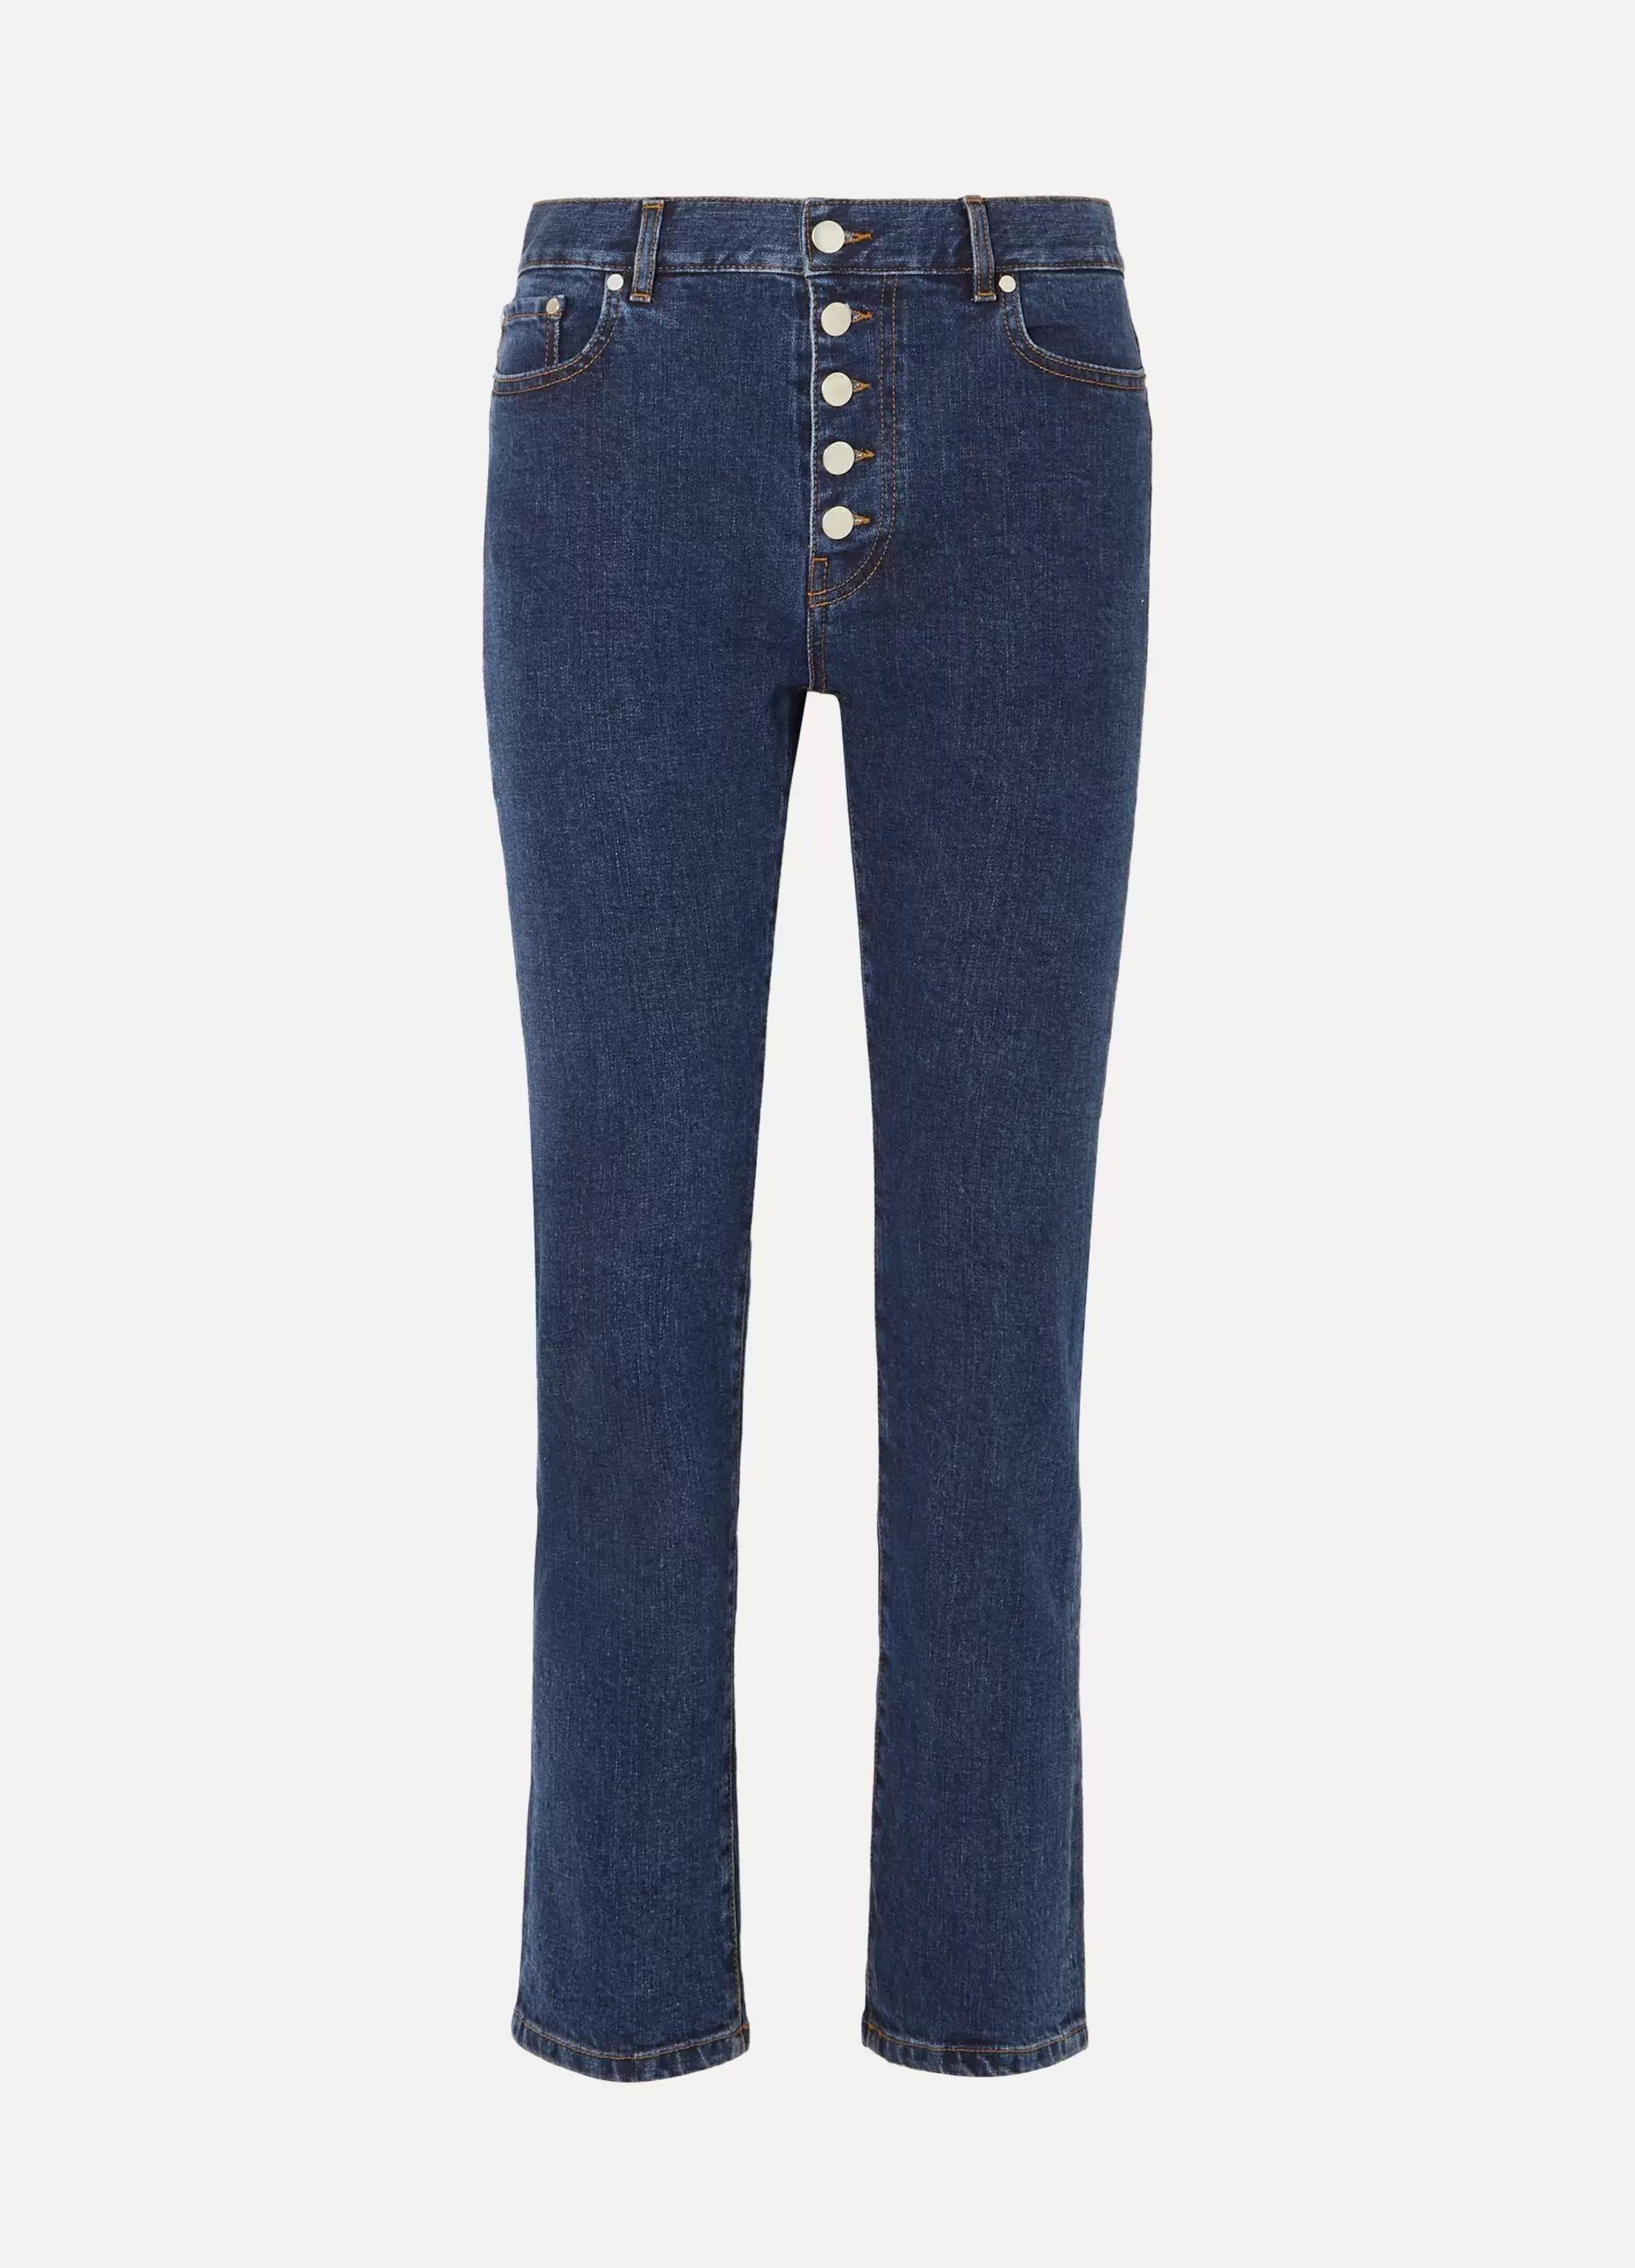 Joseph Den high-rise straight-leg jeans